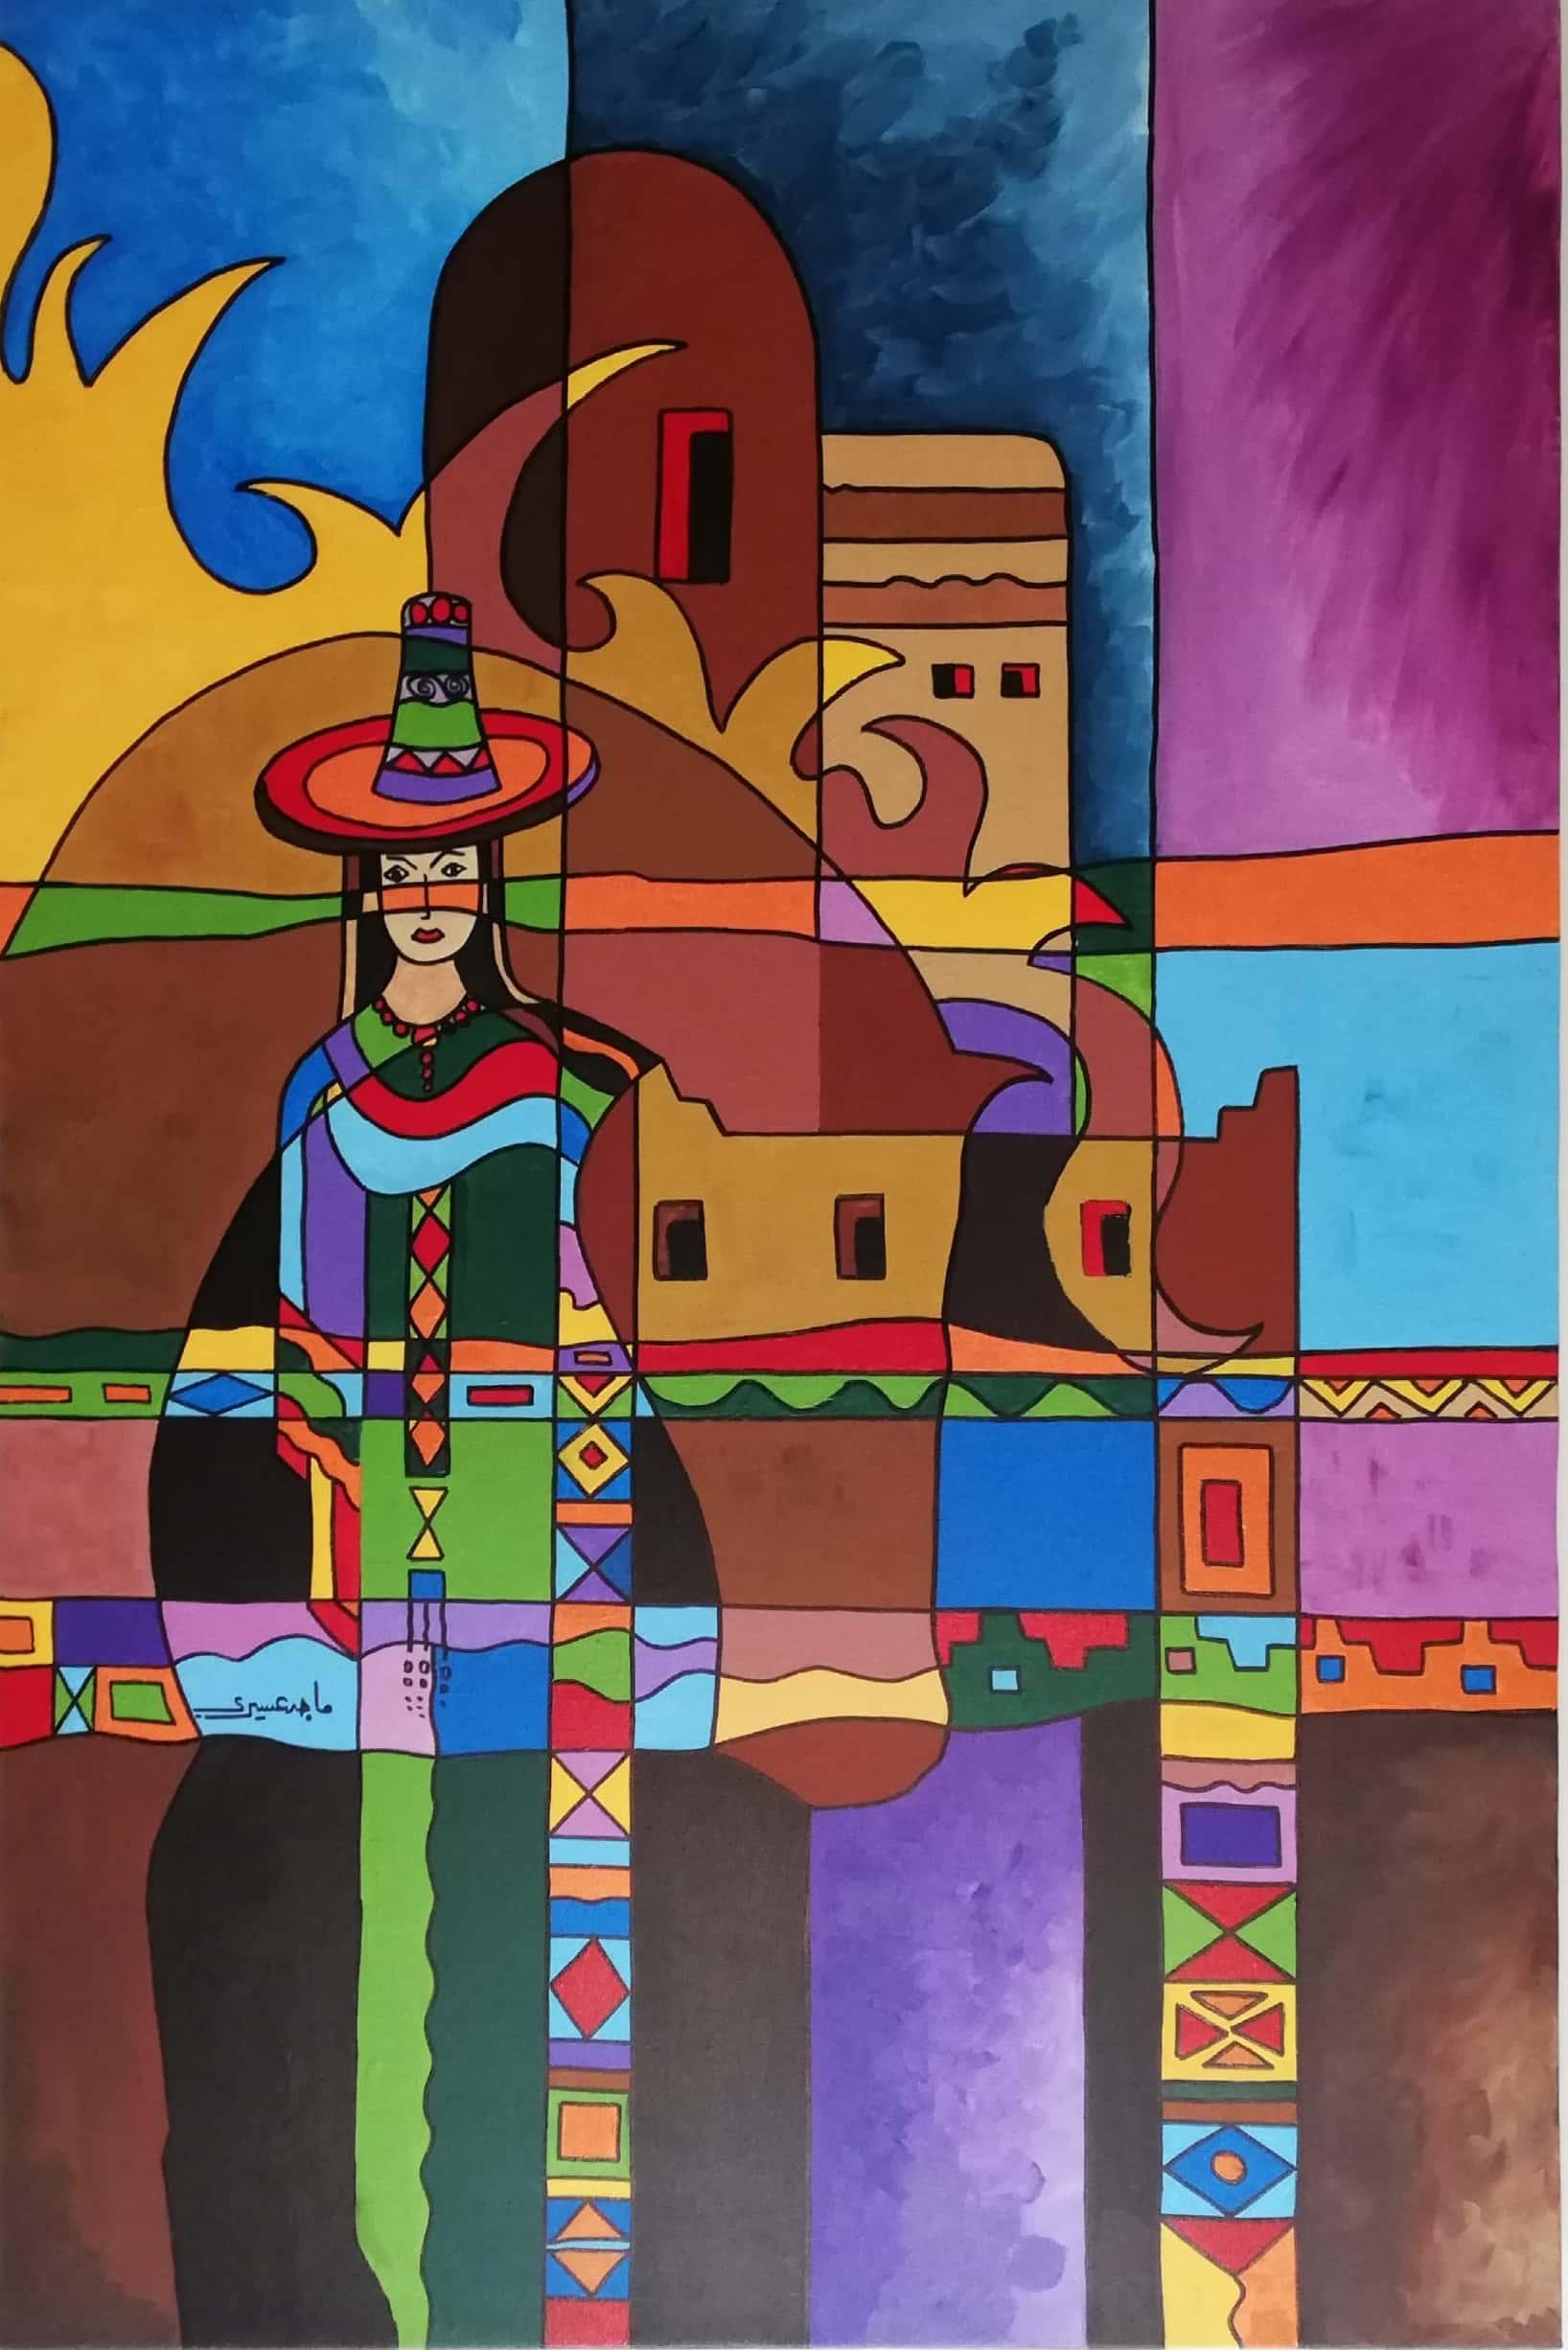 ماجد العسیری کے فن کا ایک اور نمونہ